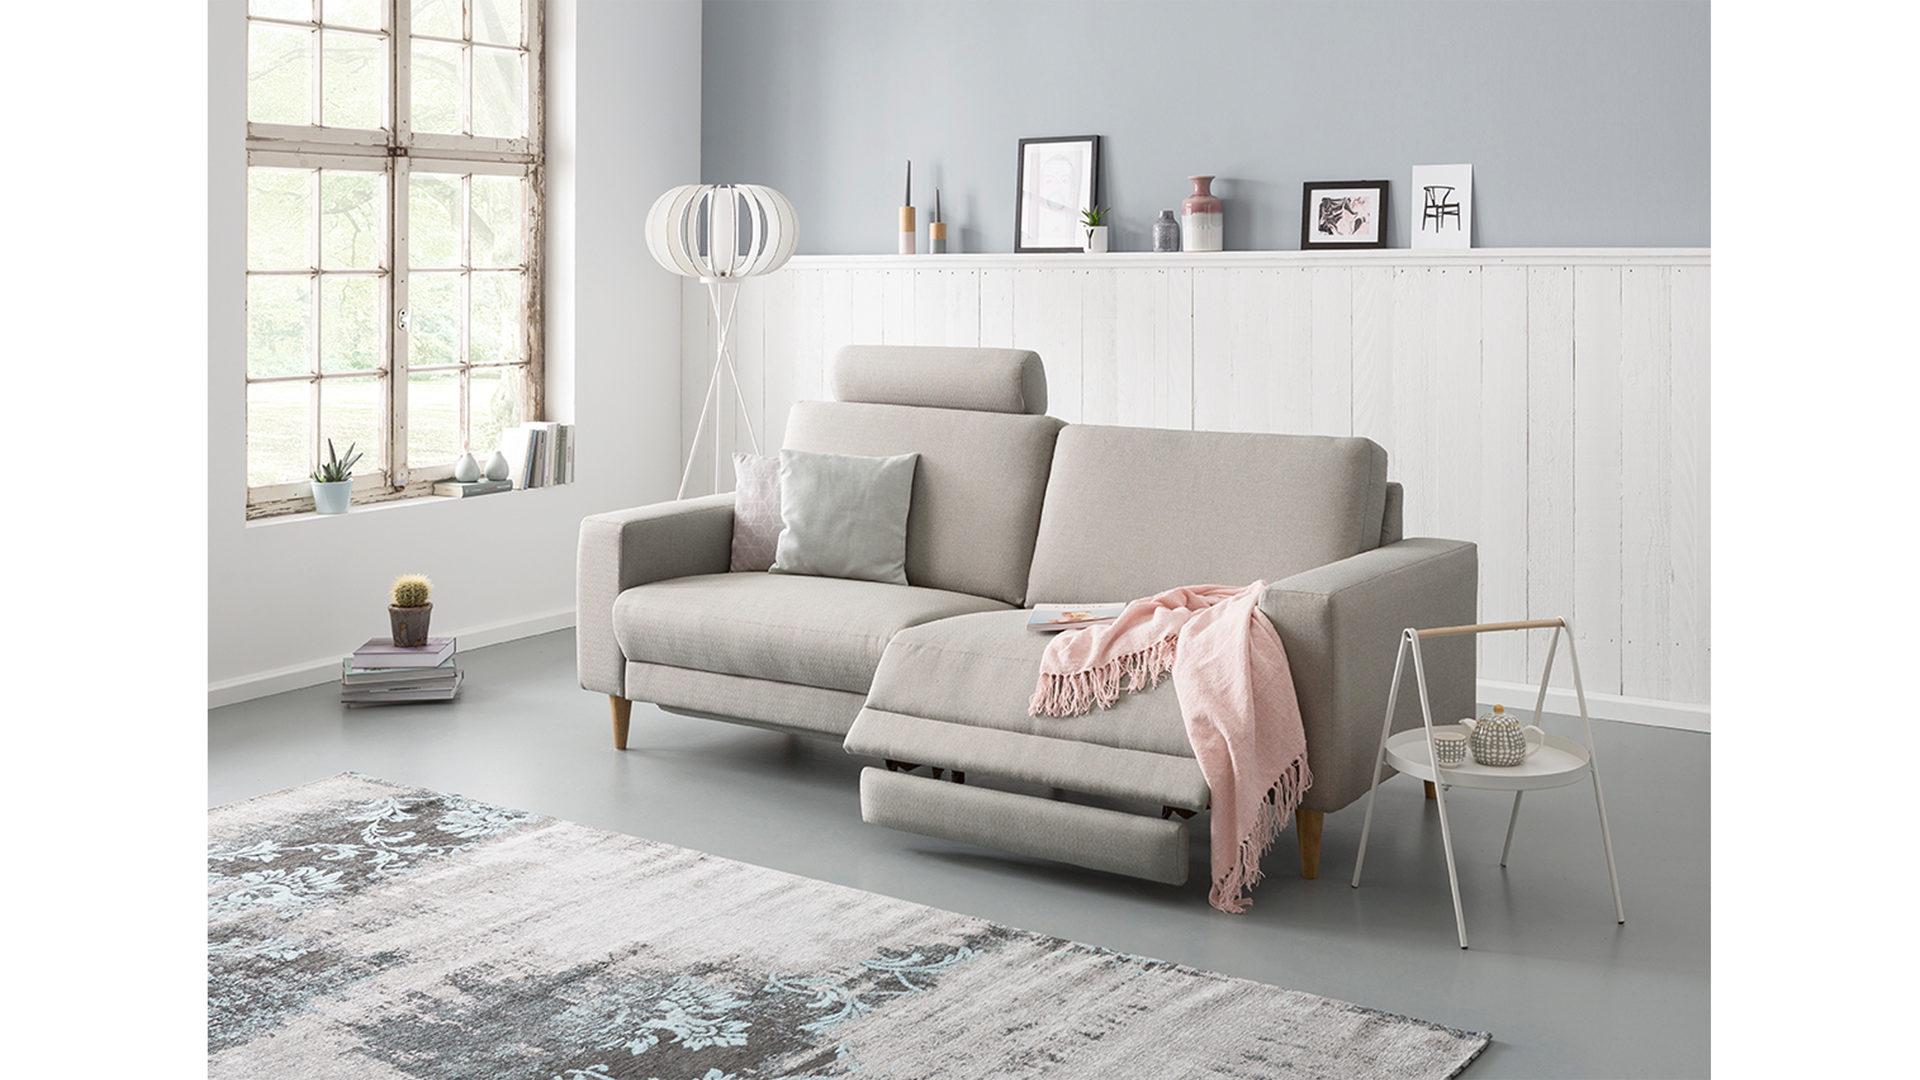 Möbel Bernskötter Mülheim Zweisitzer Sofa Mit Funktion